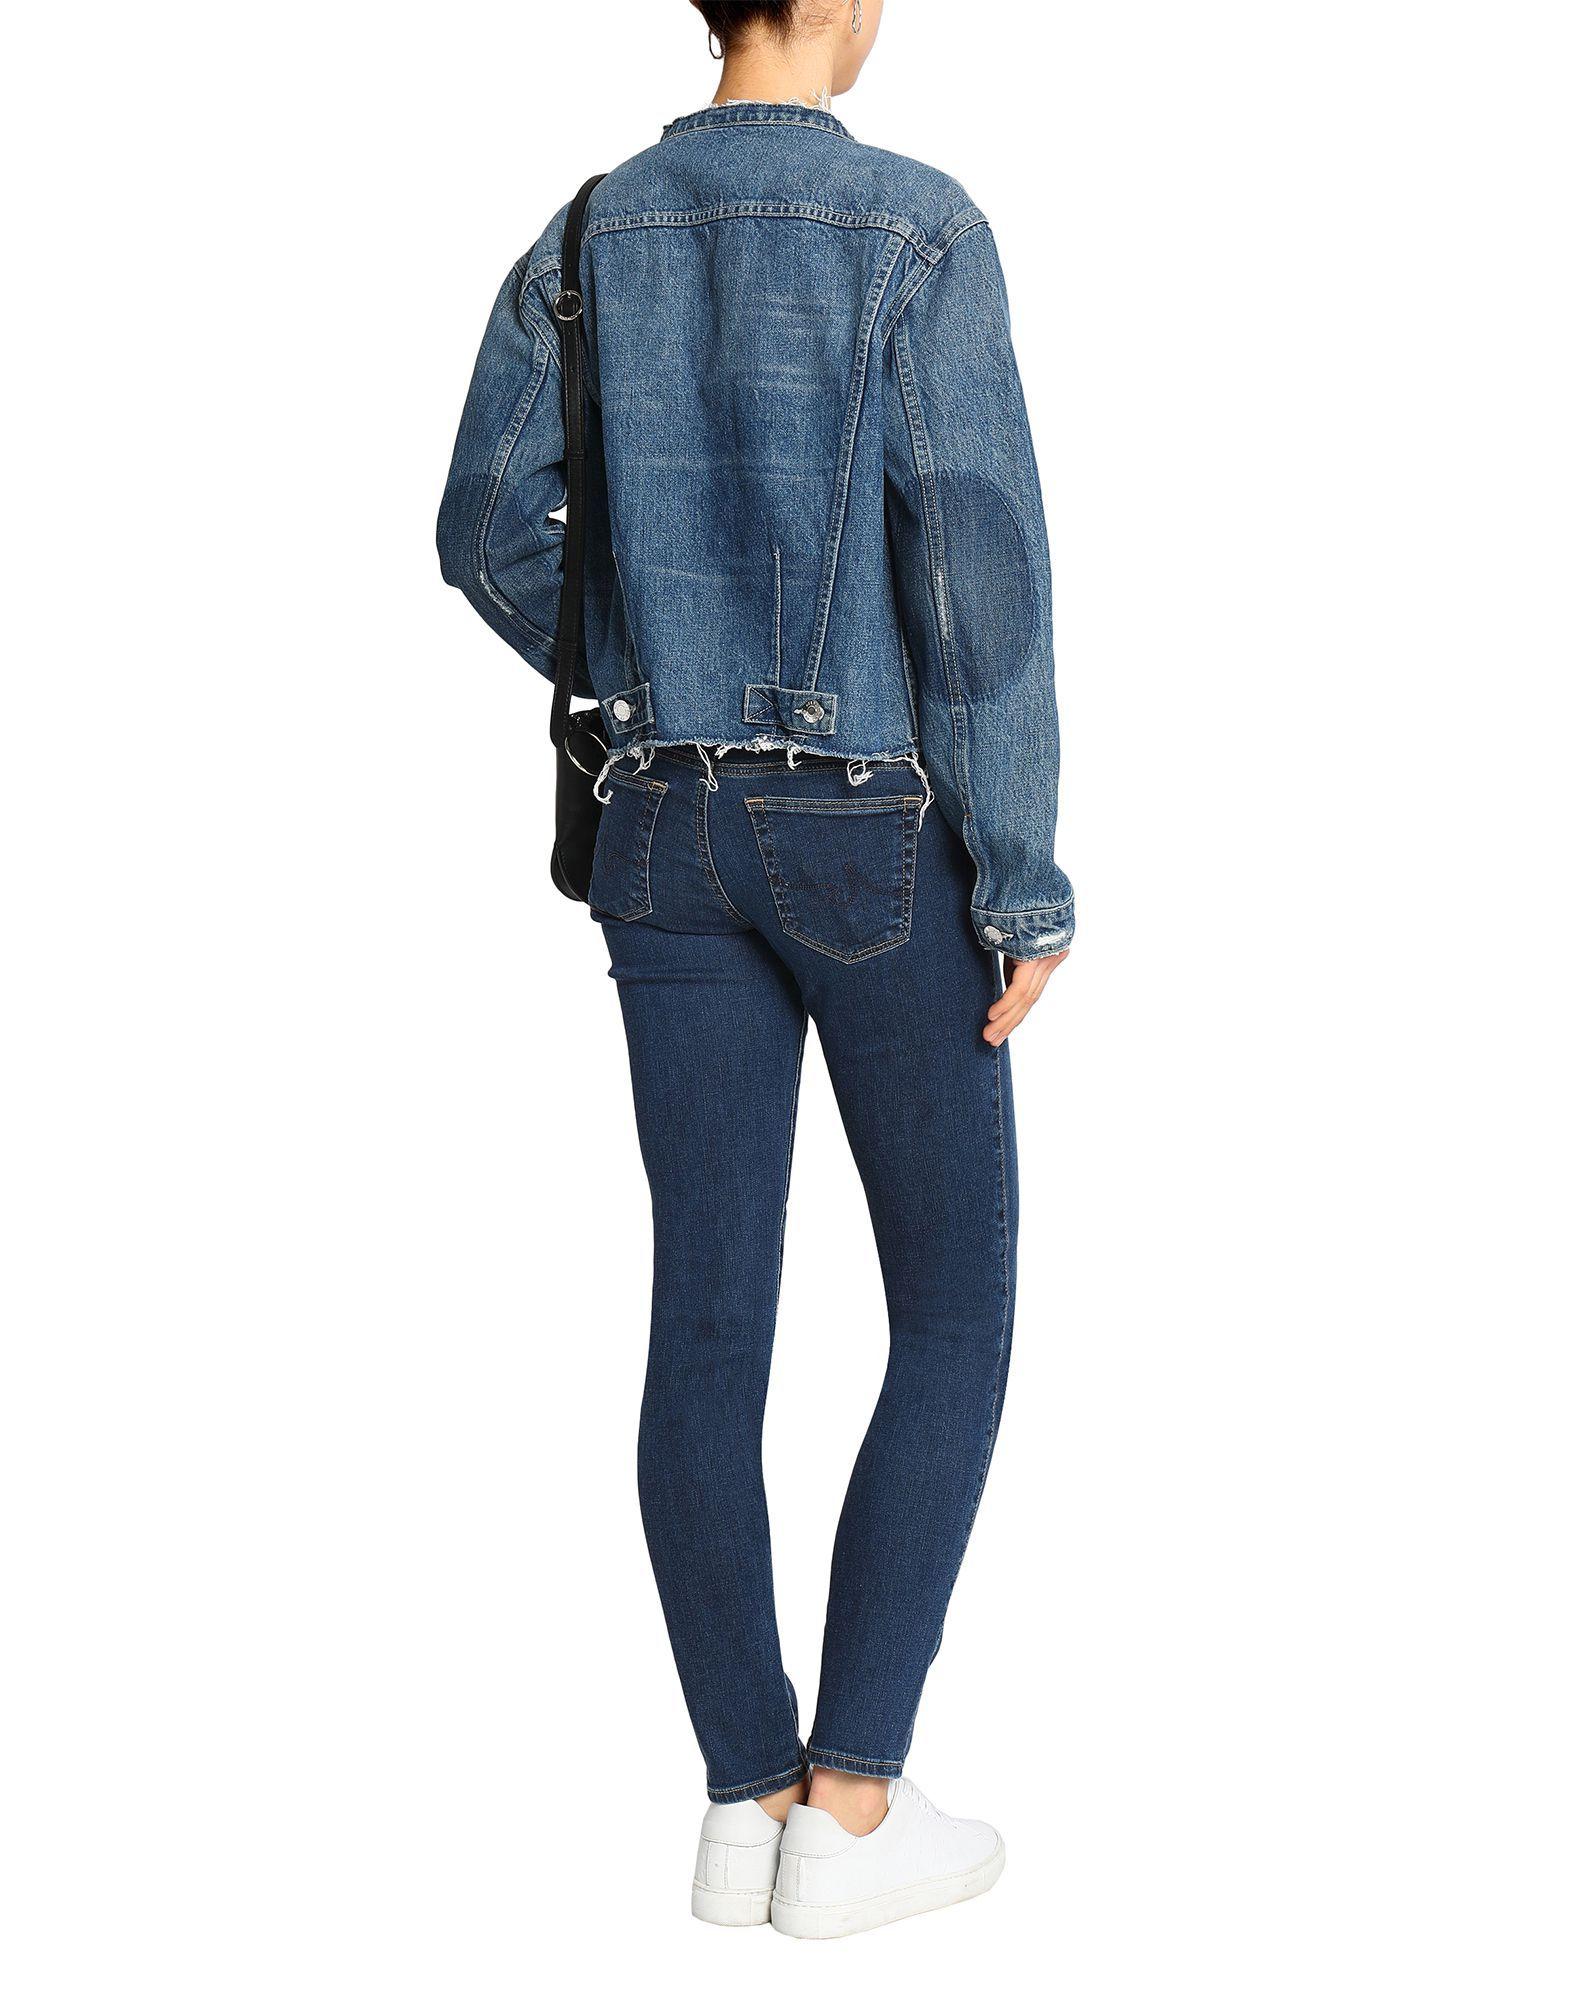 Ag Jeans Blue Cotton Jeans